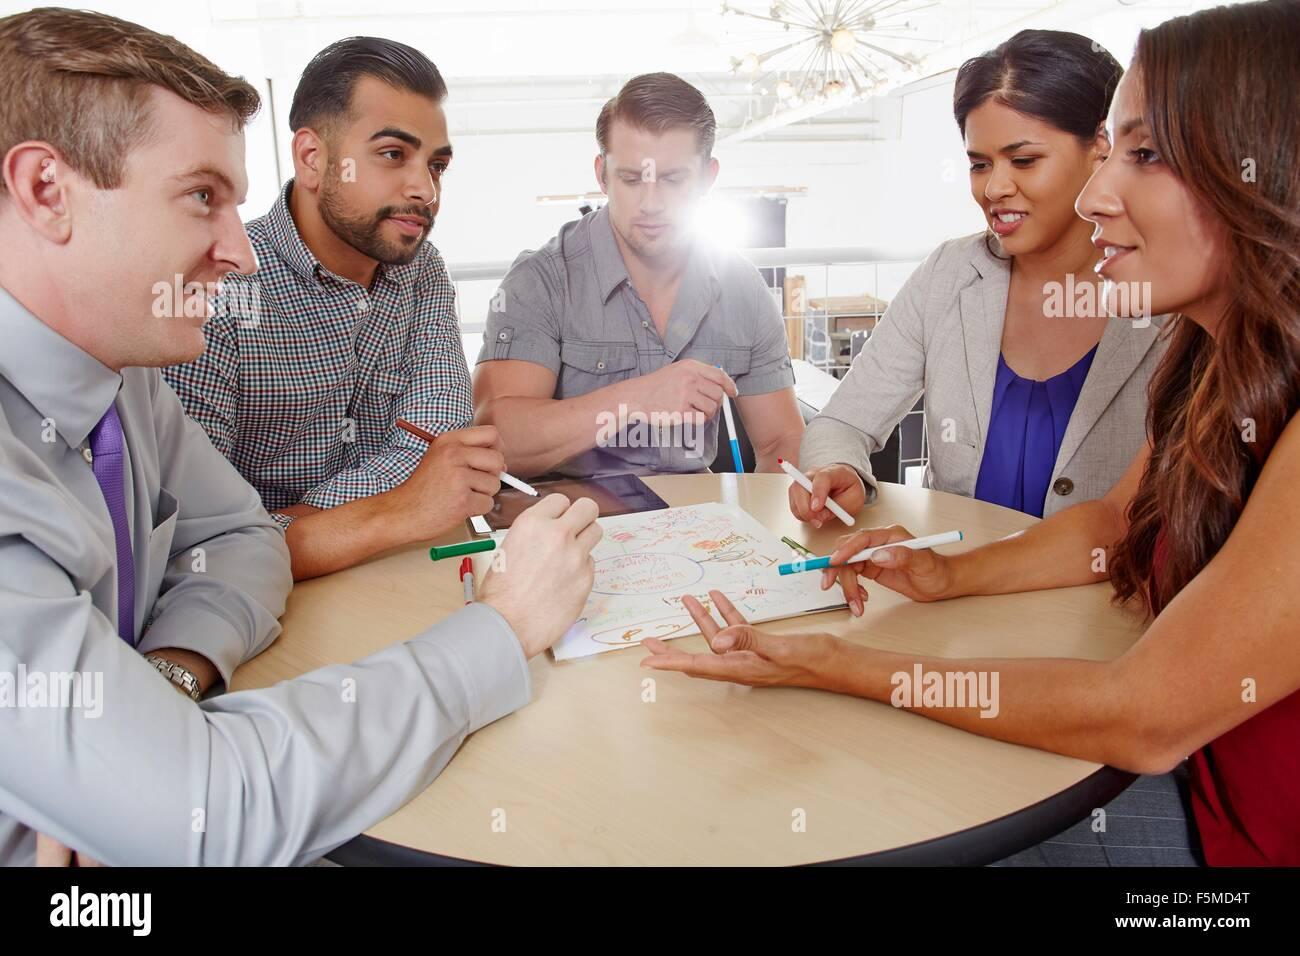 Kleine Gruppe von Menschen, die brainstorming-Business-meeting Stockbild